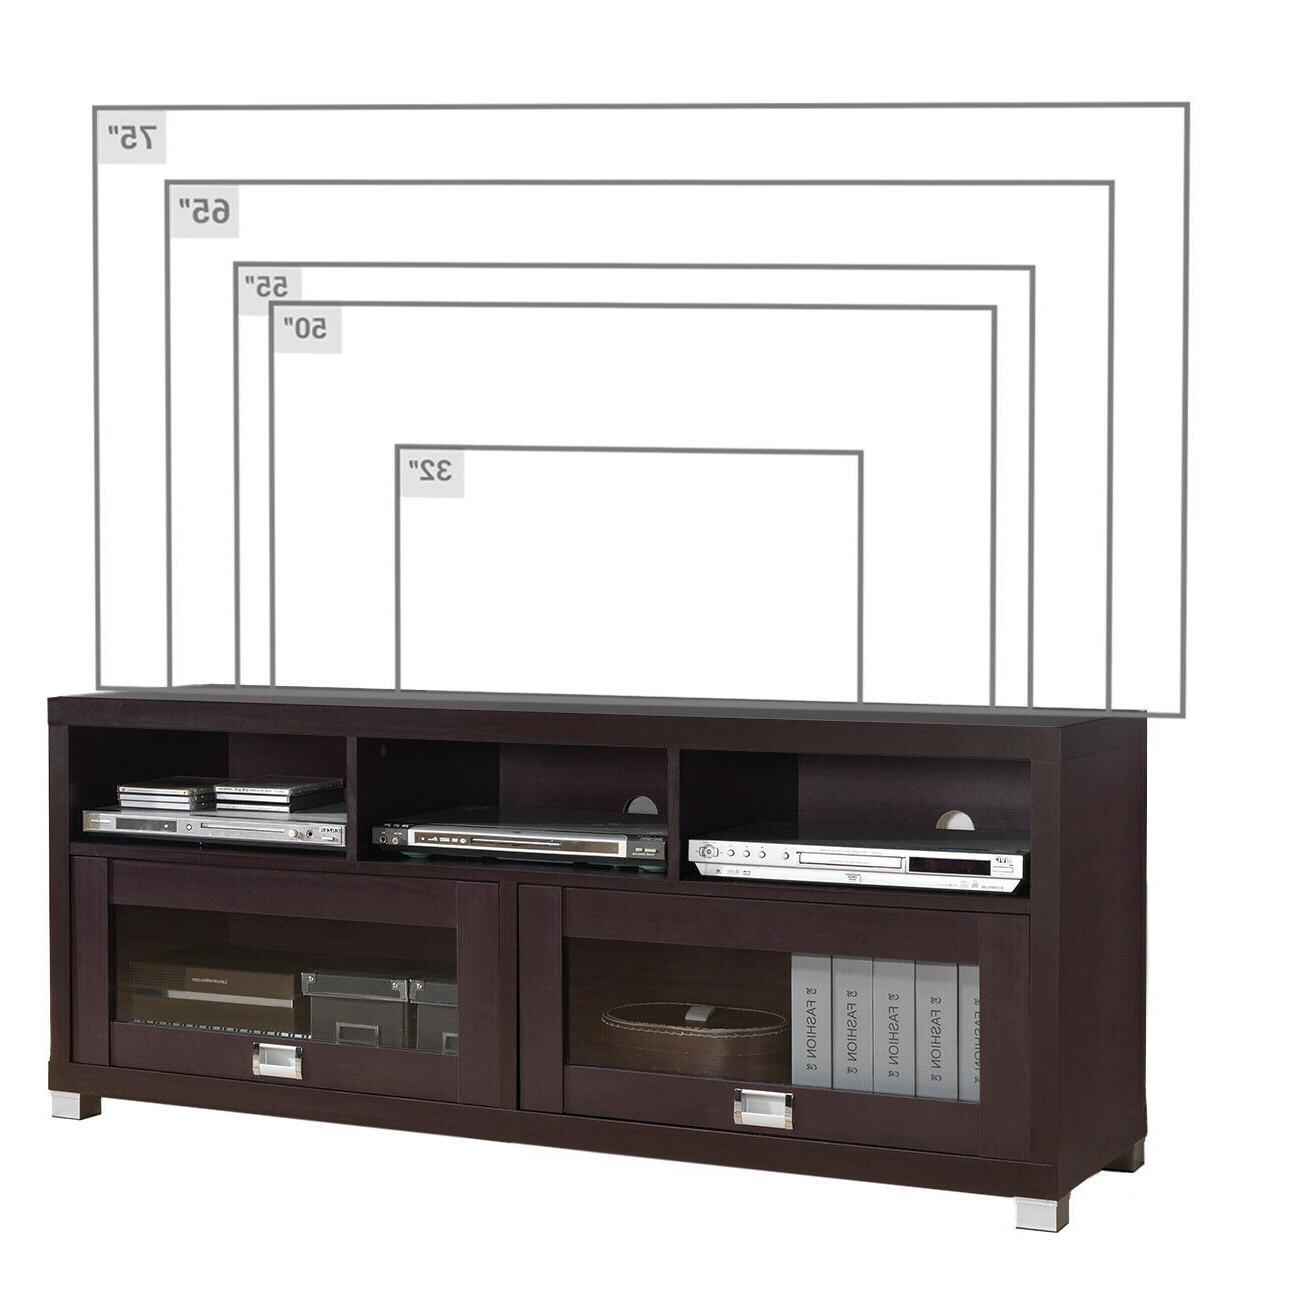 """Techni 58 Inches Durbin TV For 75"""" Espresso 2 Glass Door"""